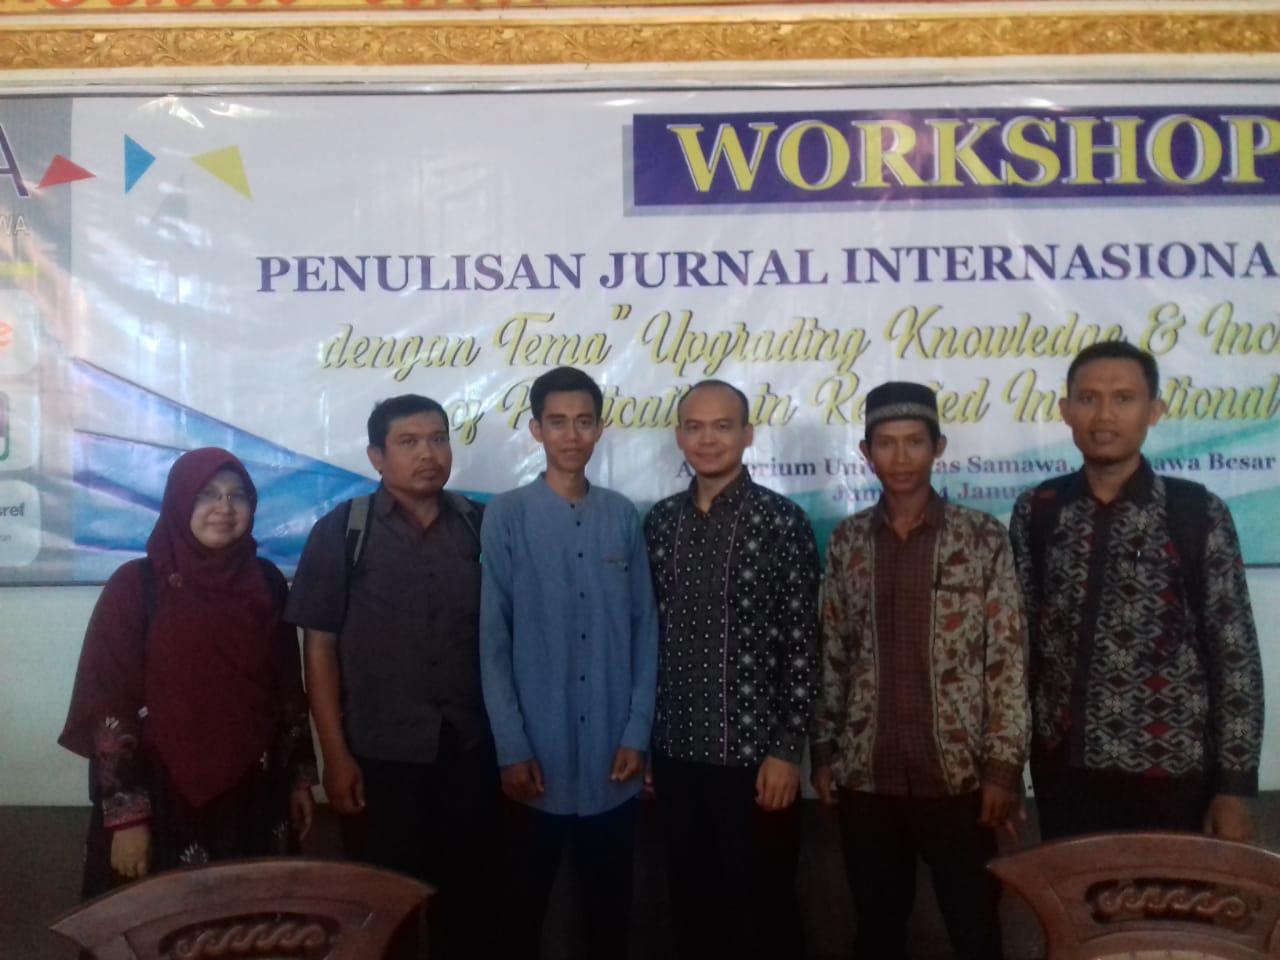 Dosen Sekolah Tinggi Agama Islam Nahdlatul Wathan Samawa Ikuti Workshop Penulisan Jurnal Internasional Bereputasi